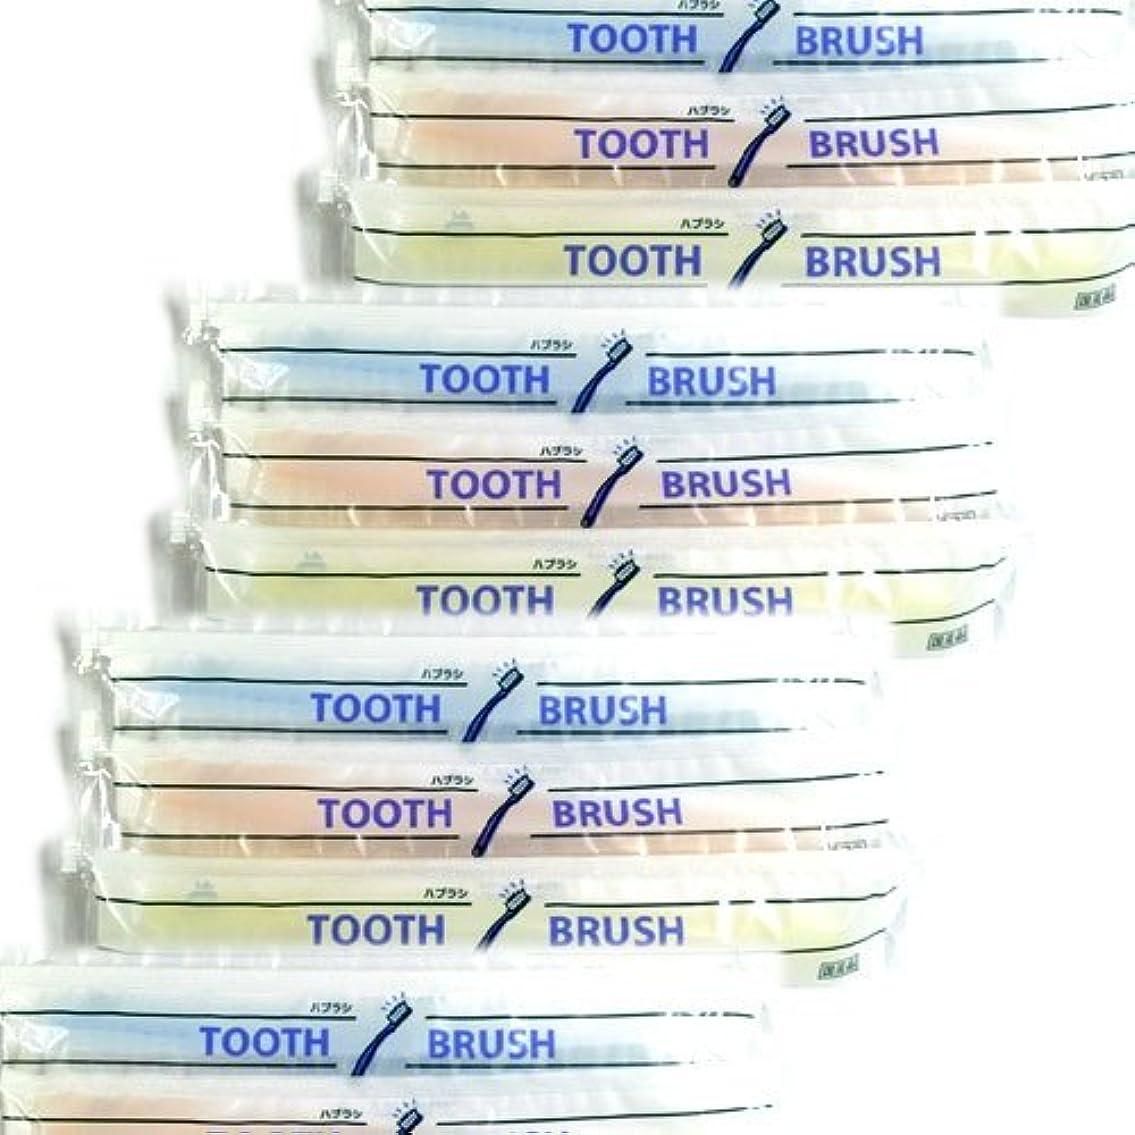 見る人ちょっと待ってロマンチックホテルアメニティ 業務用 使い捨て(インスタント) 粉付き歯ブラシ × 20個セット